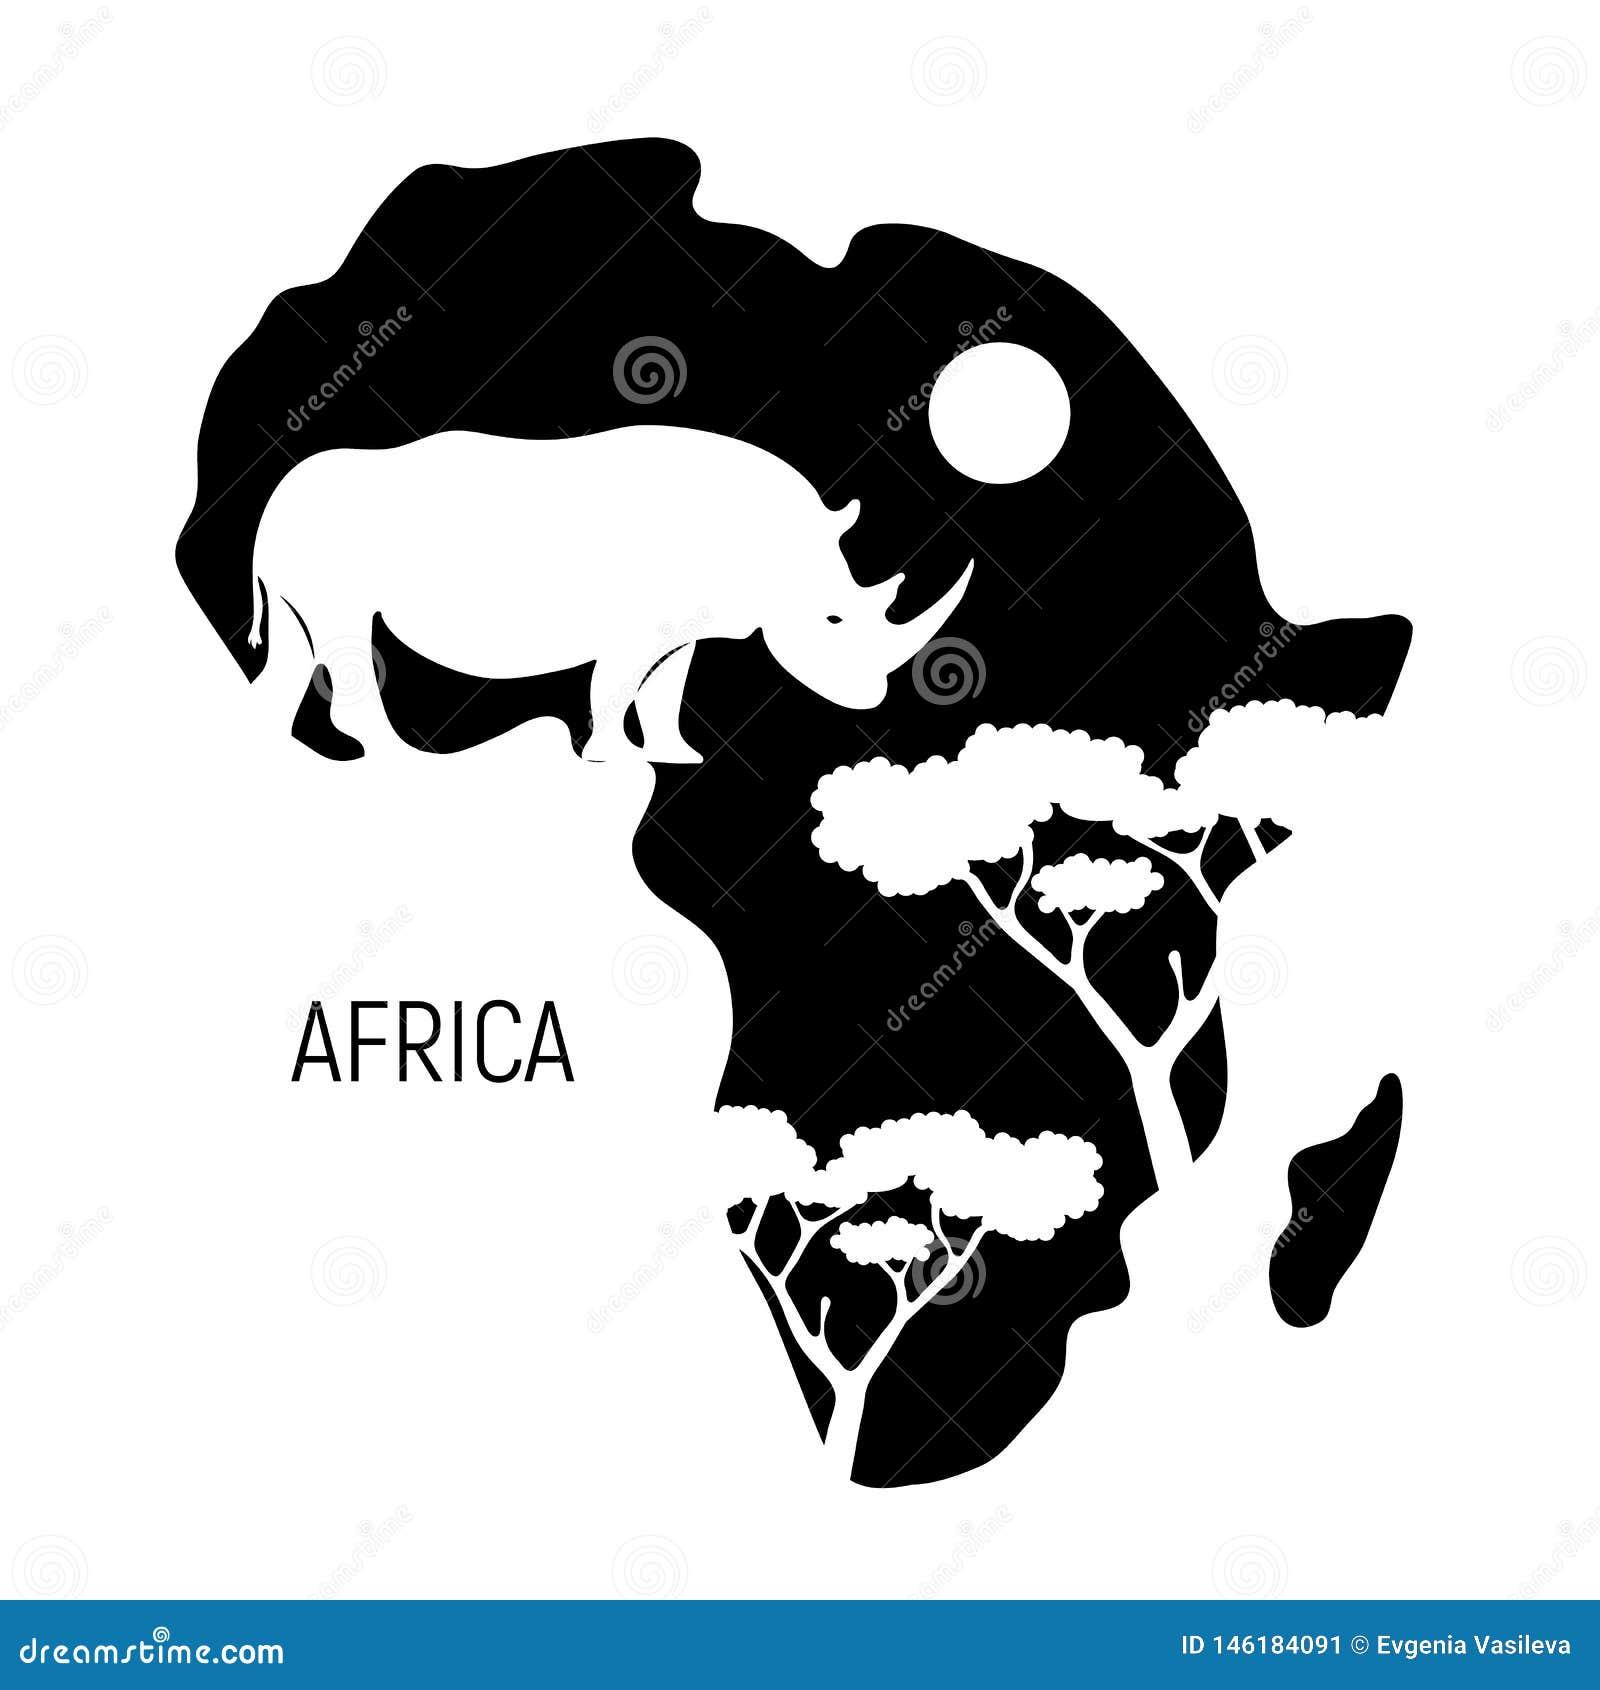 Cartina Dell Africa In Bianco E Nero.L Africa Mappa In Bianco E Nero Del Continente Dell Africa Con Il Rinoceronte Della Siluetta Illustrazione Di Vettore Illustrazione Vettoriale Illustrazione Di Emblema Africa 146184091